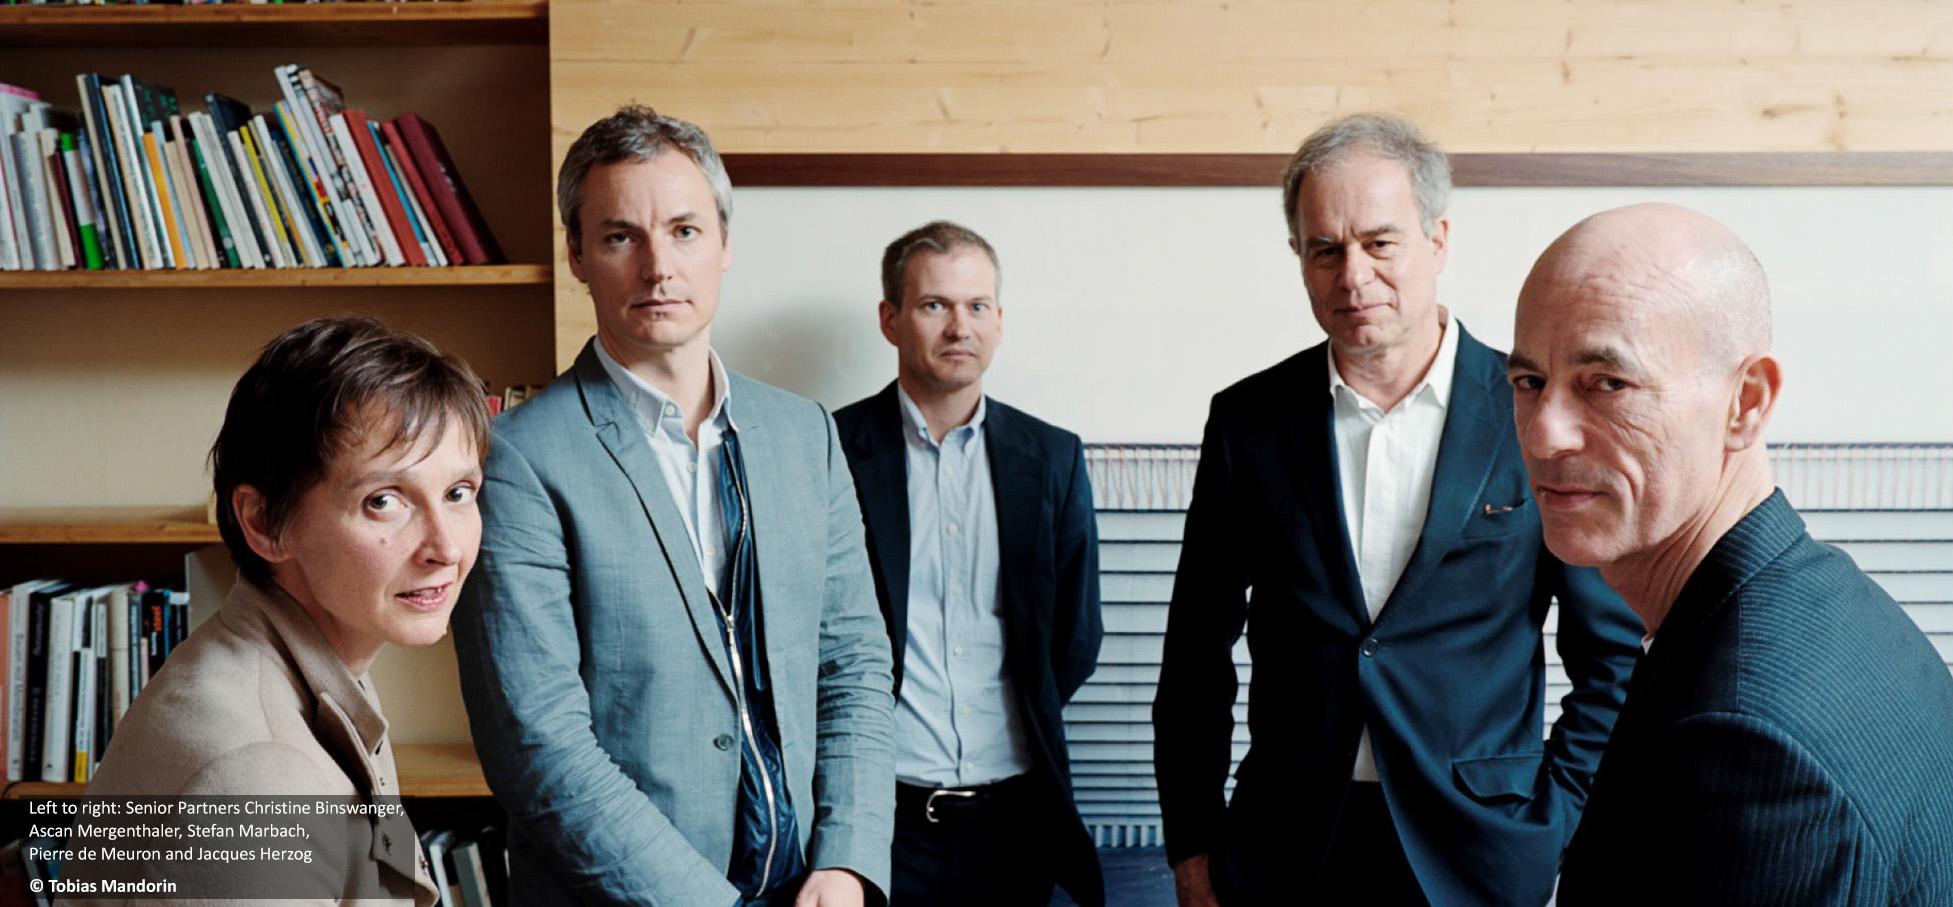 משמאל לימין: שותפים בכירים - כריסטין בינסוונגר, אסקן מרגנתלר וסטפן מרבך ביחד עם שותפים מייסדים - פייר דה מרון וז'ק הרצוג.